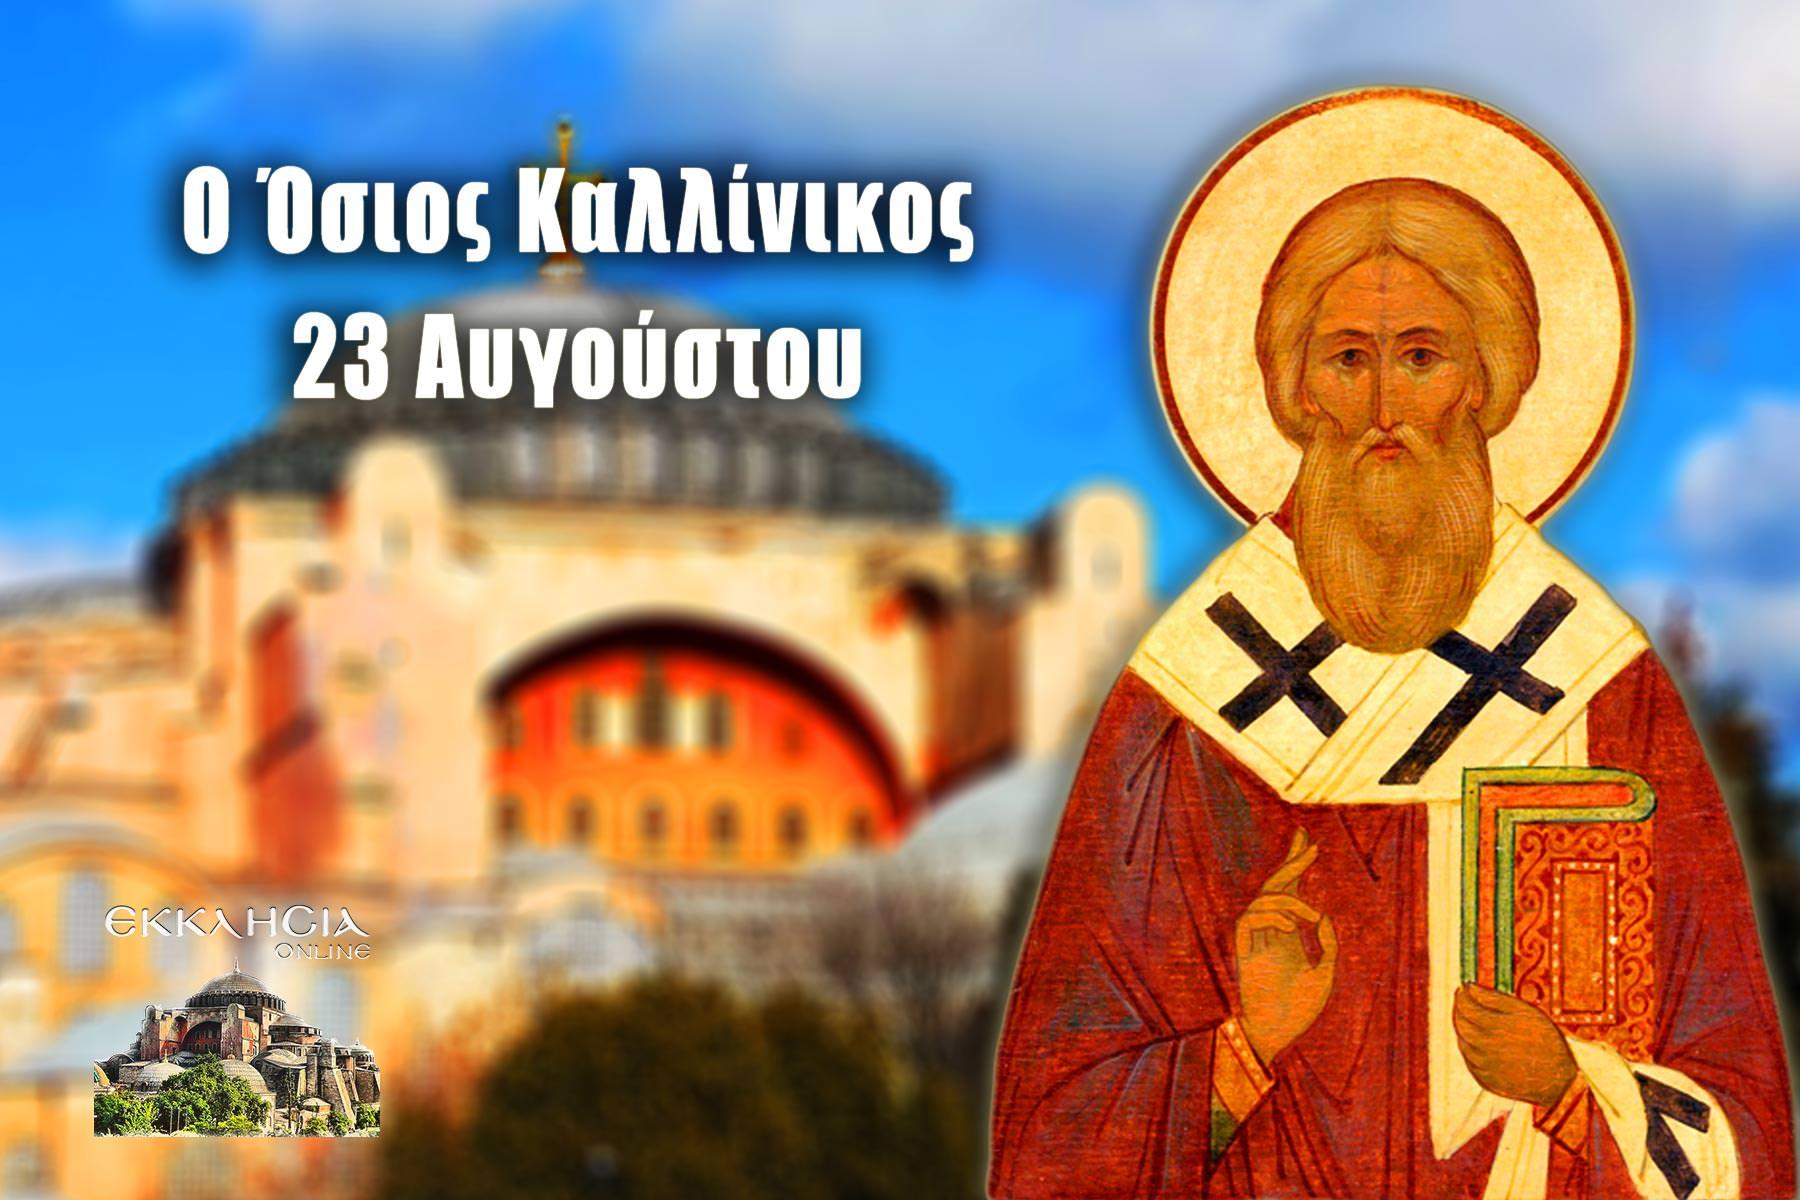 Όσιος Καλλίνικος Πατριάρχης Κωνσταντινούπολης 23 Αυγούστου